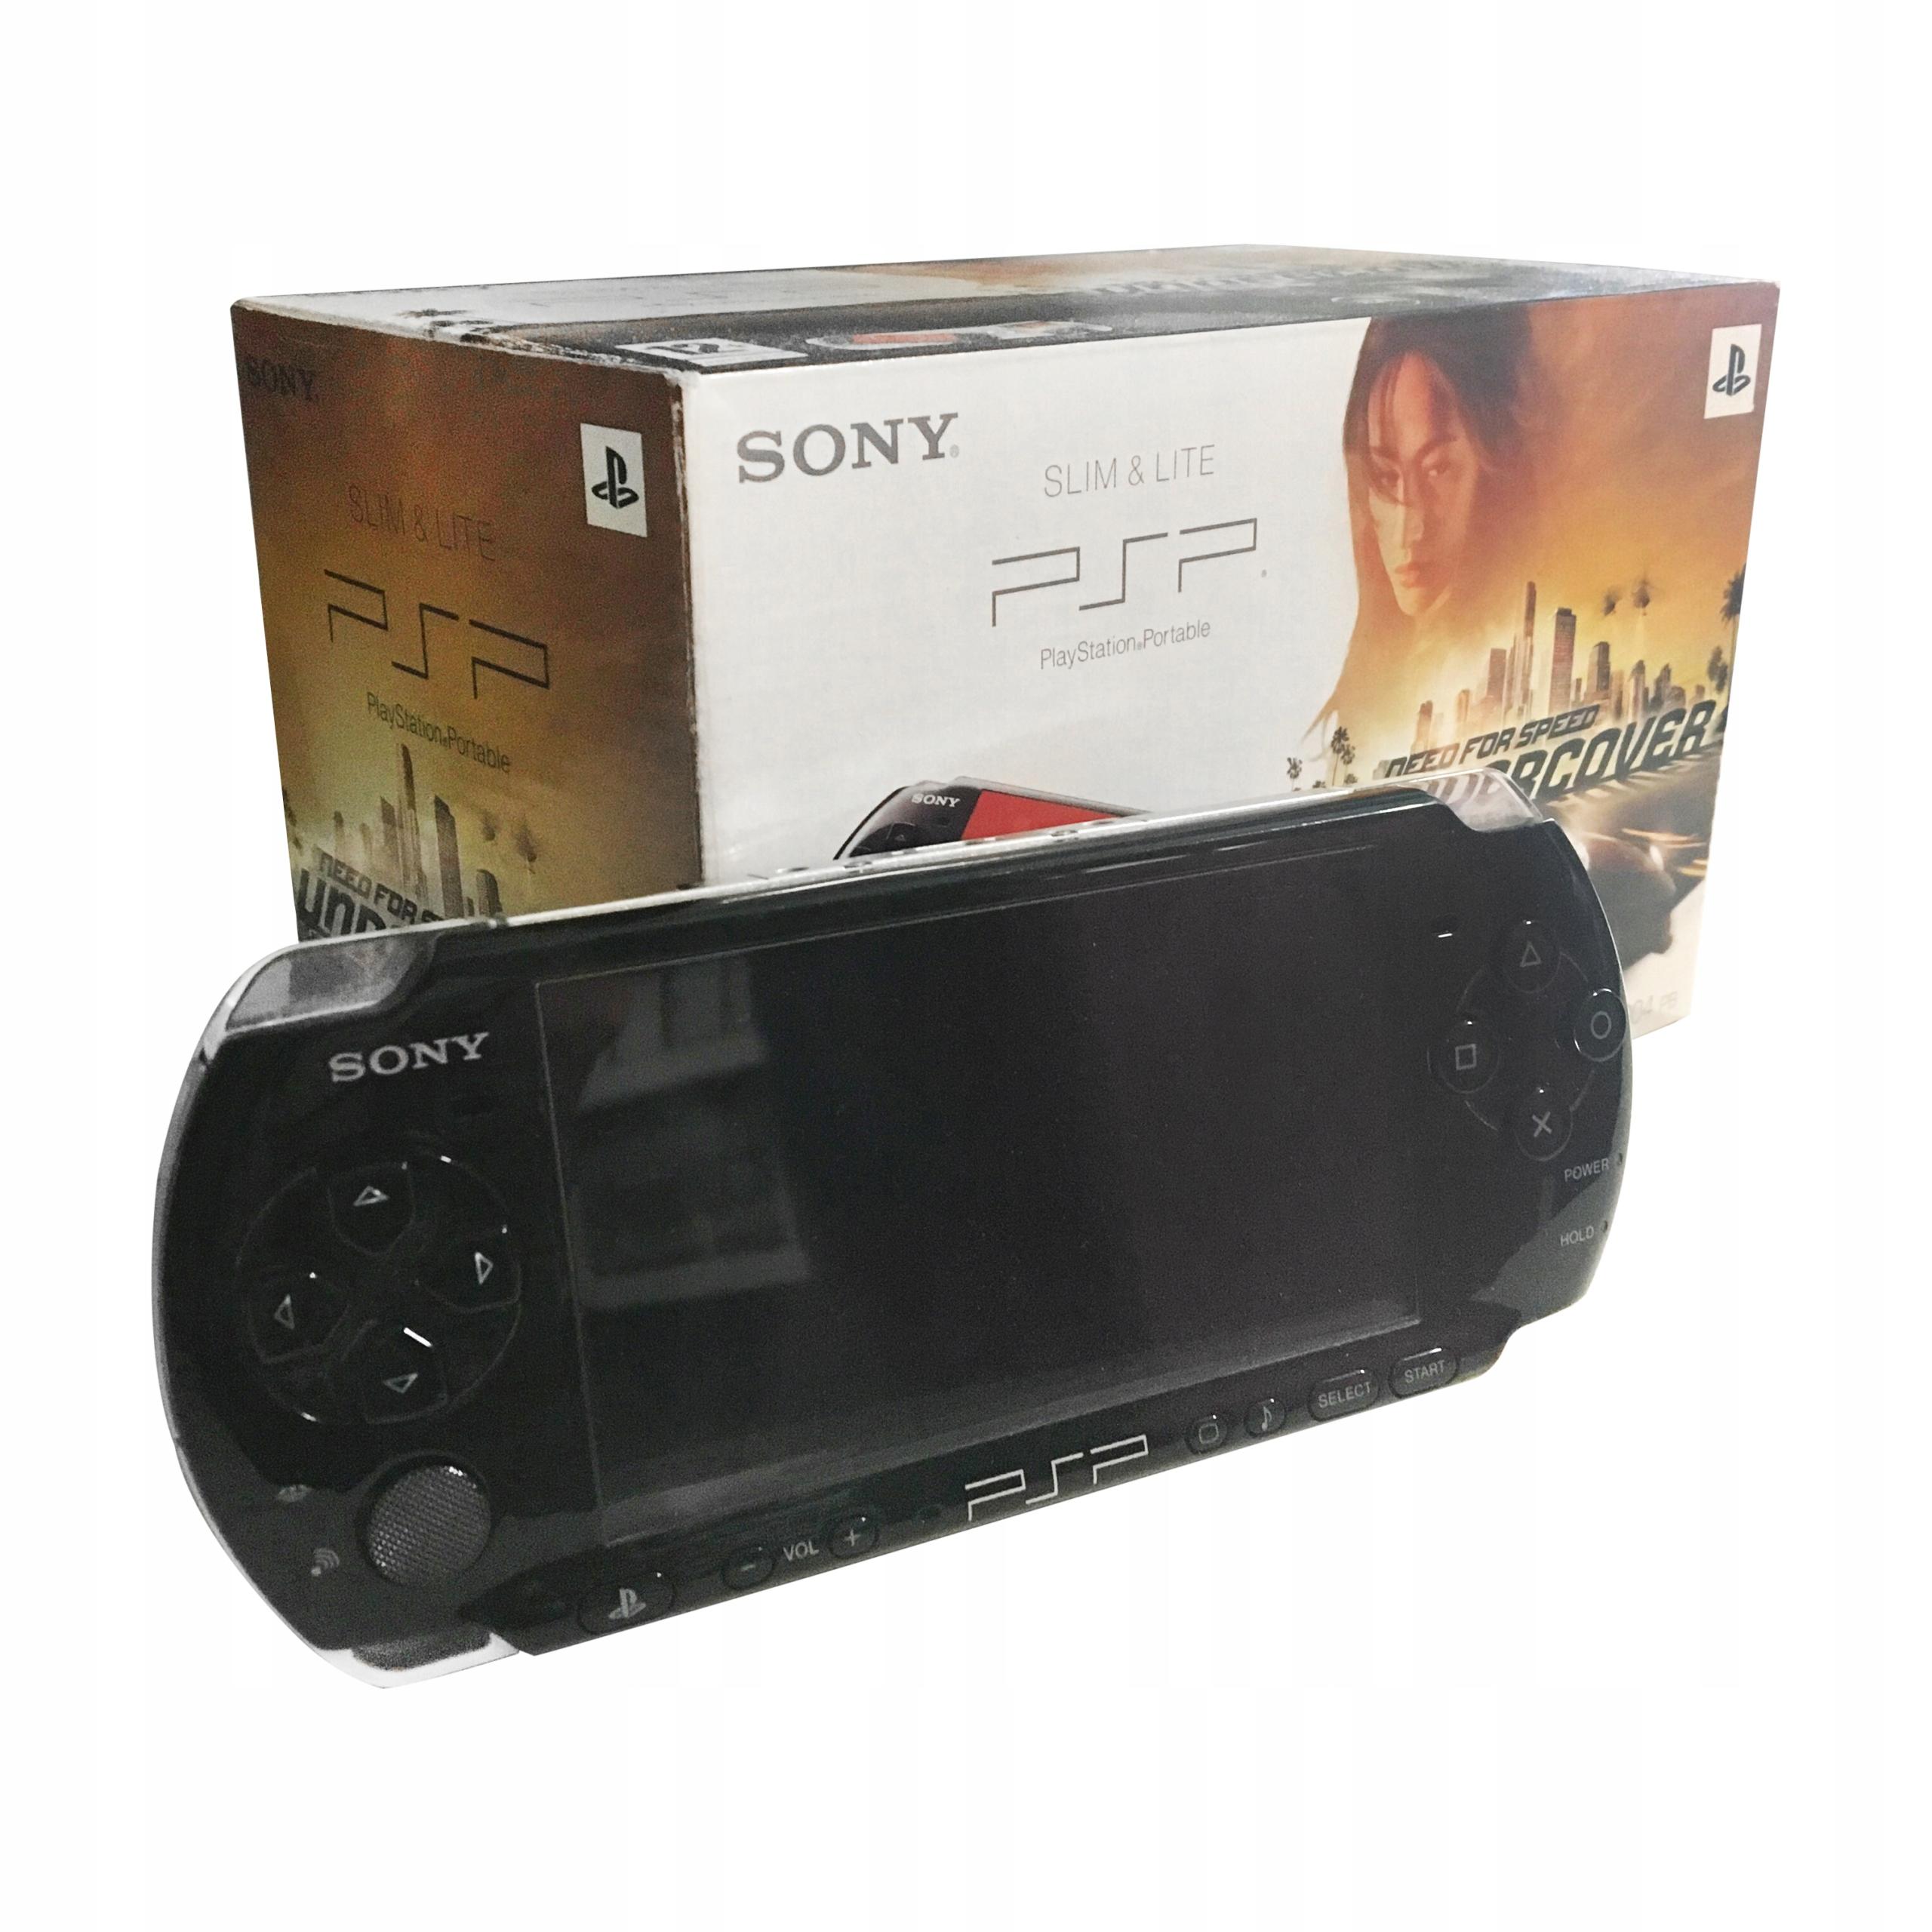 Item SONY PSP 3004 SLIM WiFi EN MENU Cover SET of GAMES